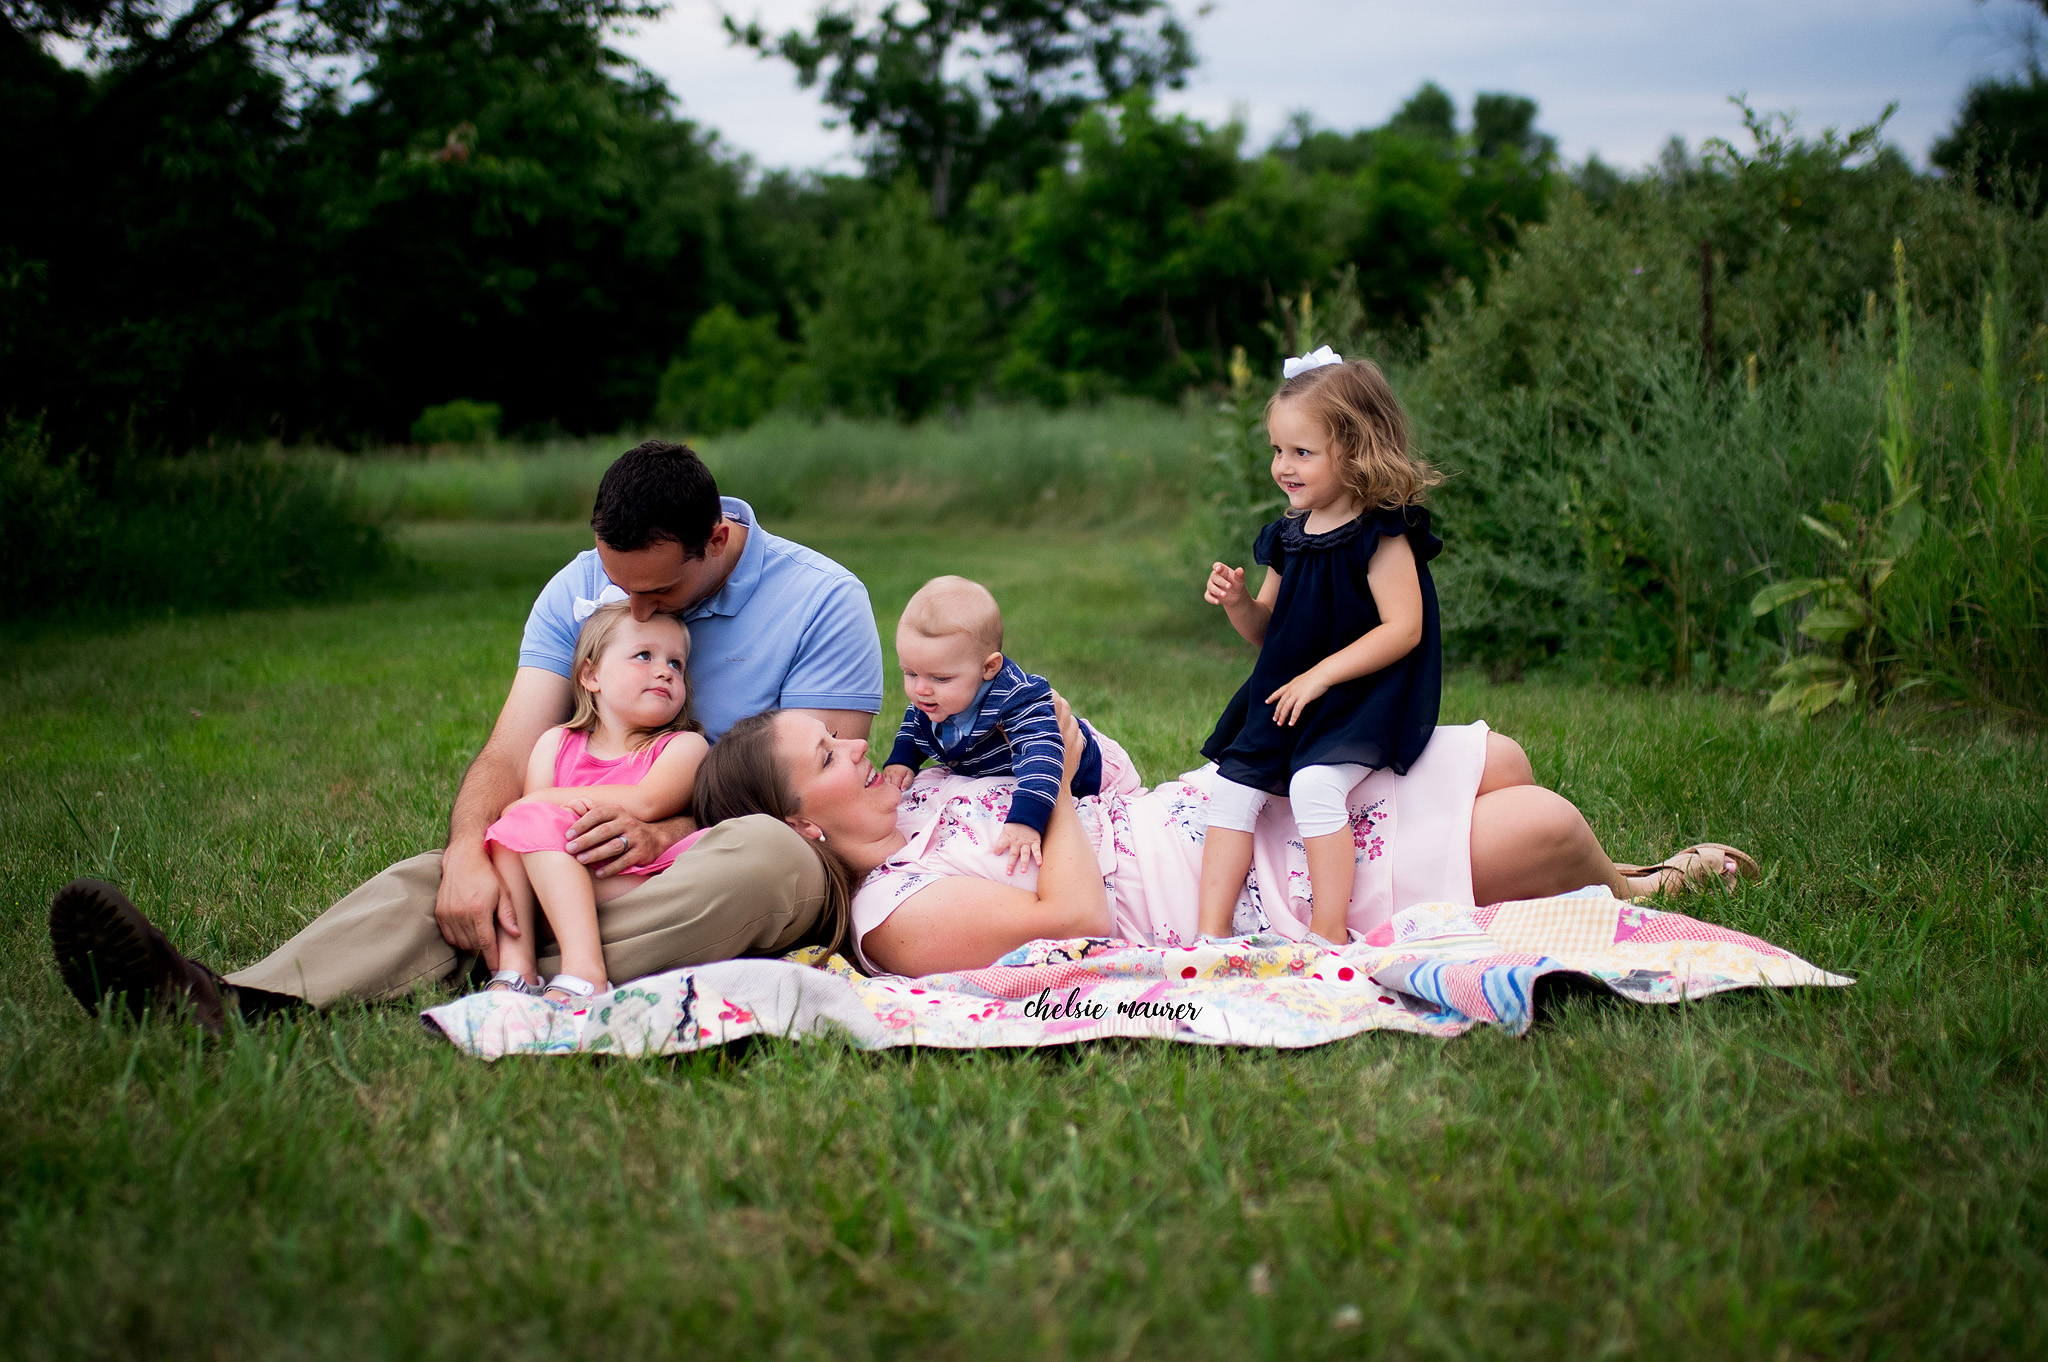 family photographer detroit mi (31).jpg